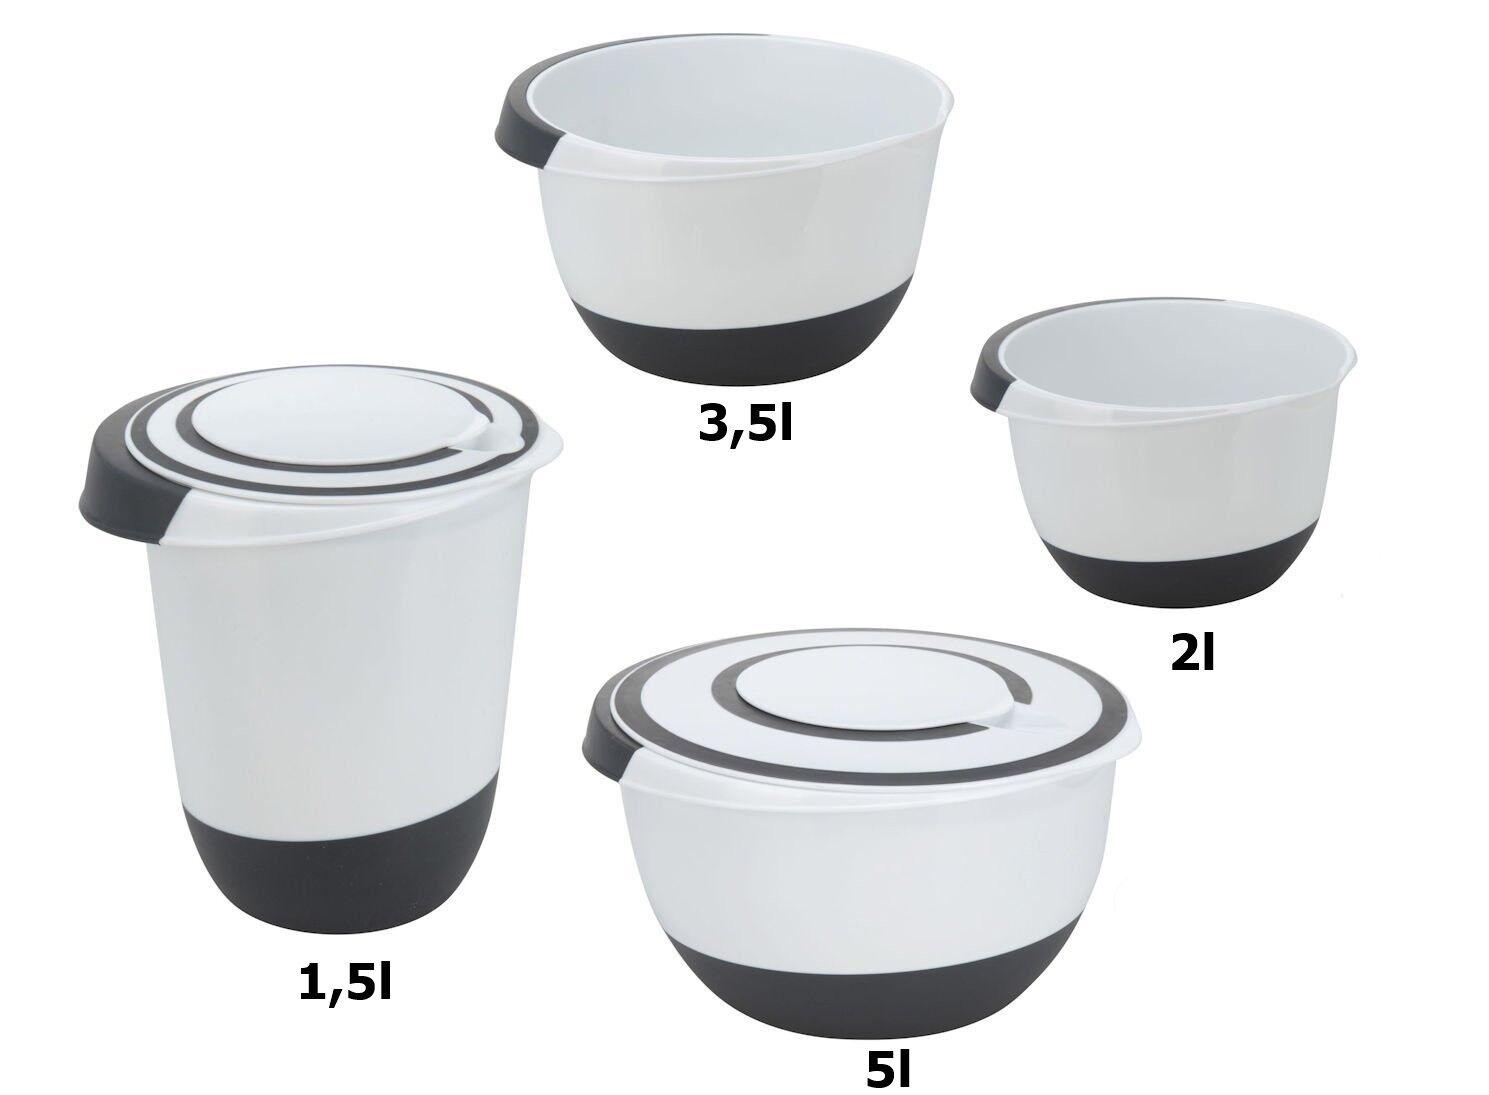 Rührschüssel Set 1,5 l, 3,5 & 2 L ,5 L Salat Teig Schüssel Quirltopf Stoppboden